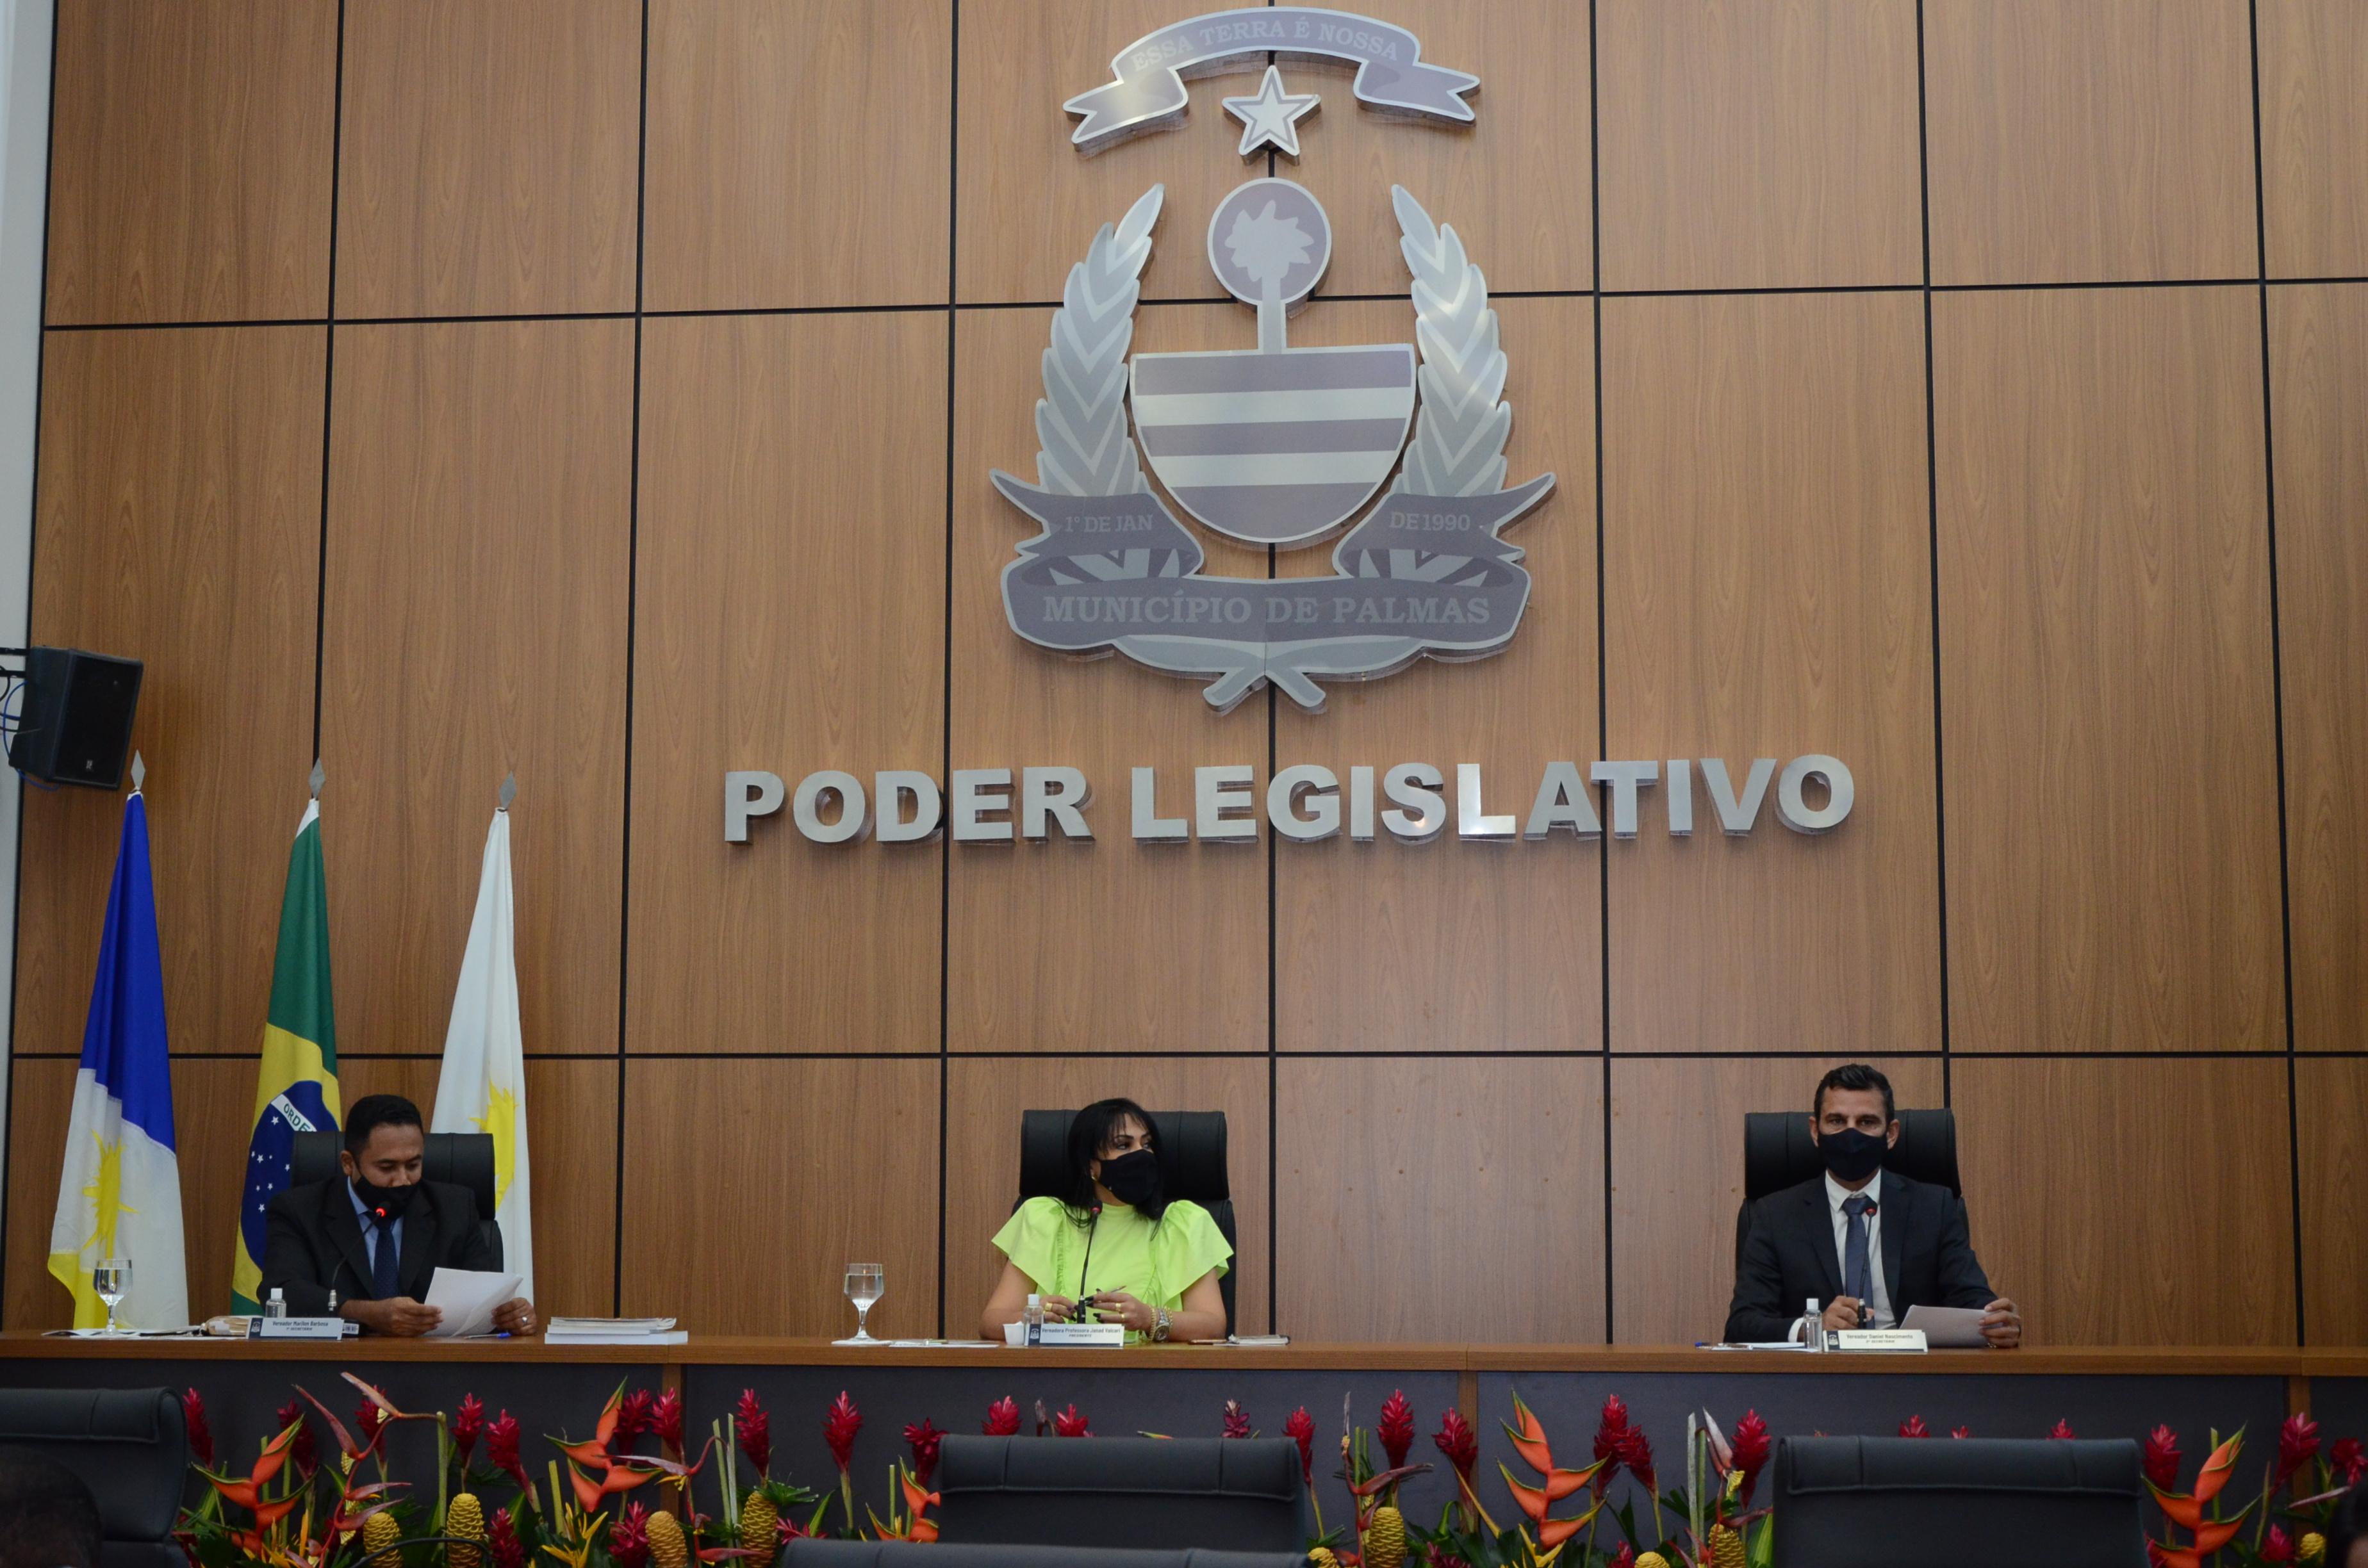 Sessão Ordinária da Câmara de Vereadores de Palmas registra 10 projetos de lei e 207 requerimentos apresentados